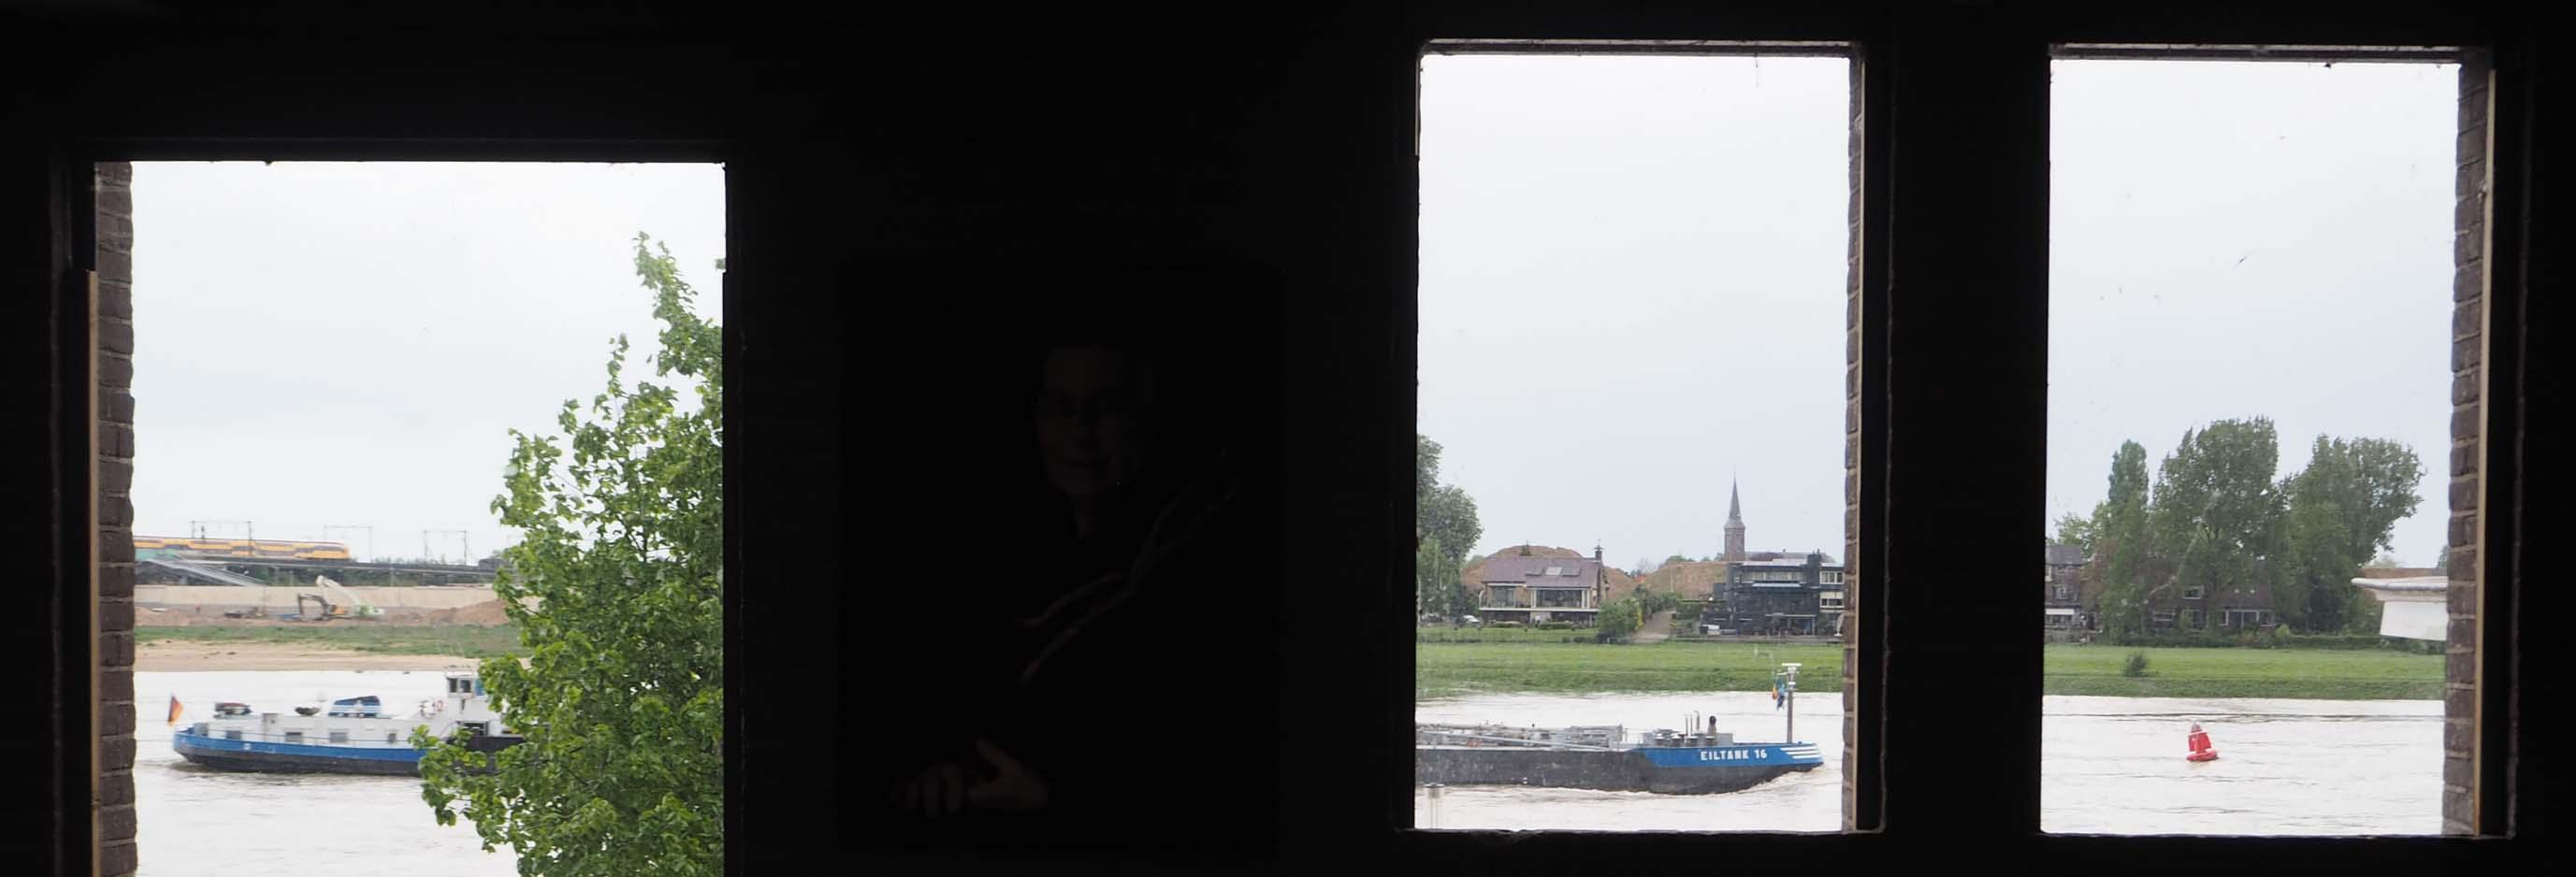 Galerie Marzee ligt aan de Waalkade in Nijmegen © Wilma Lankhorst